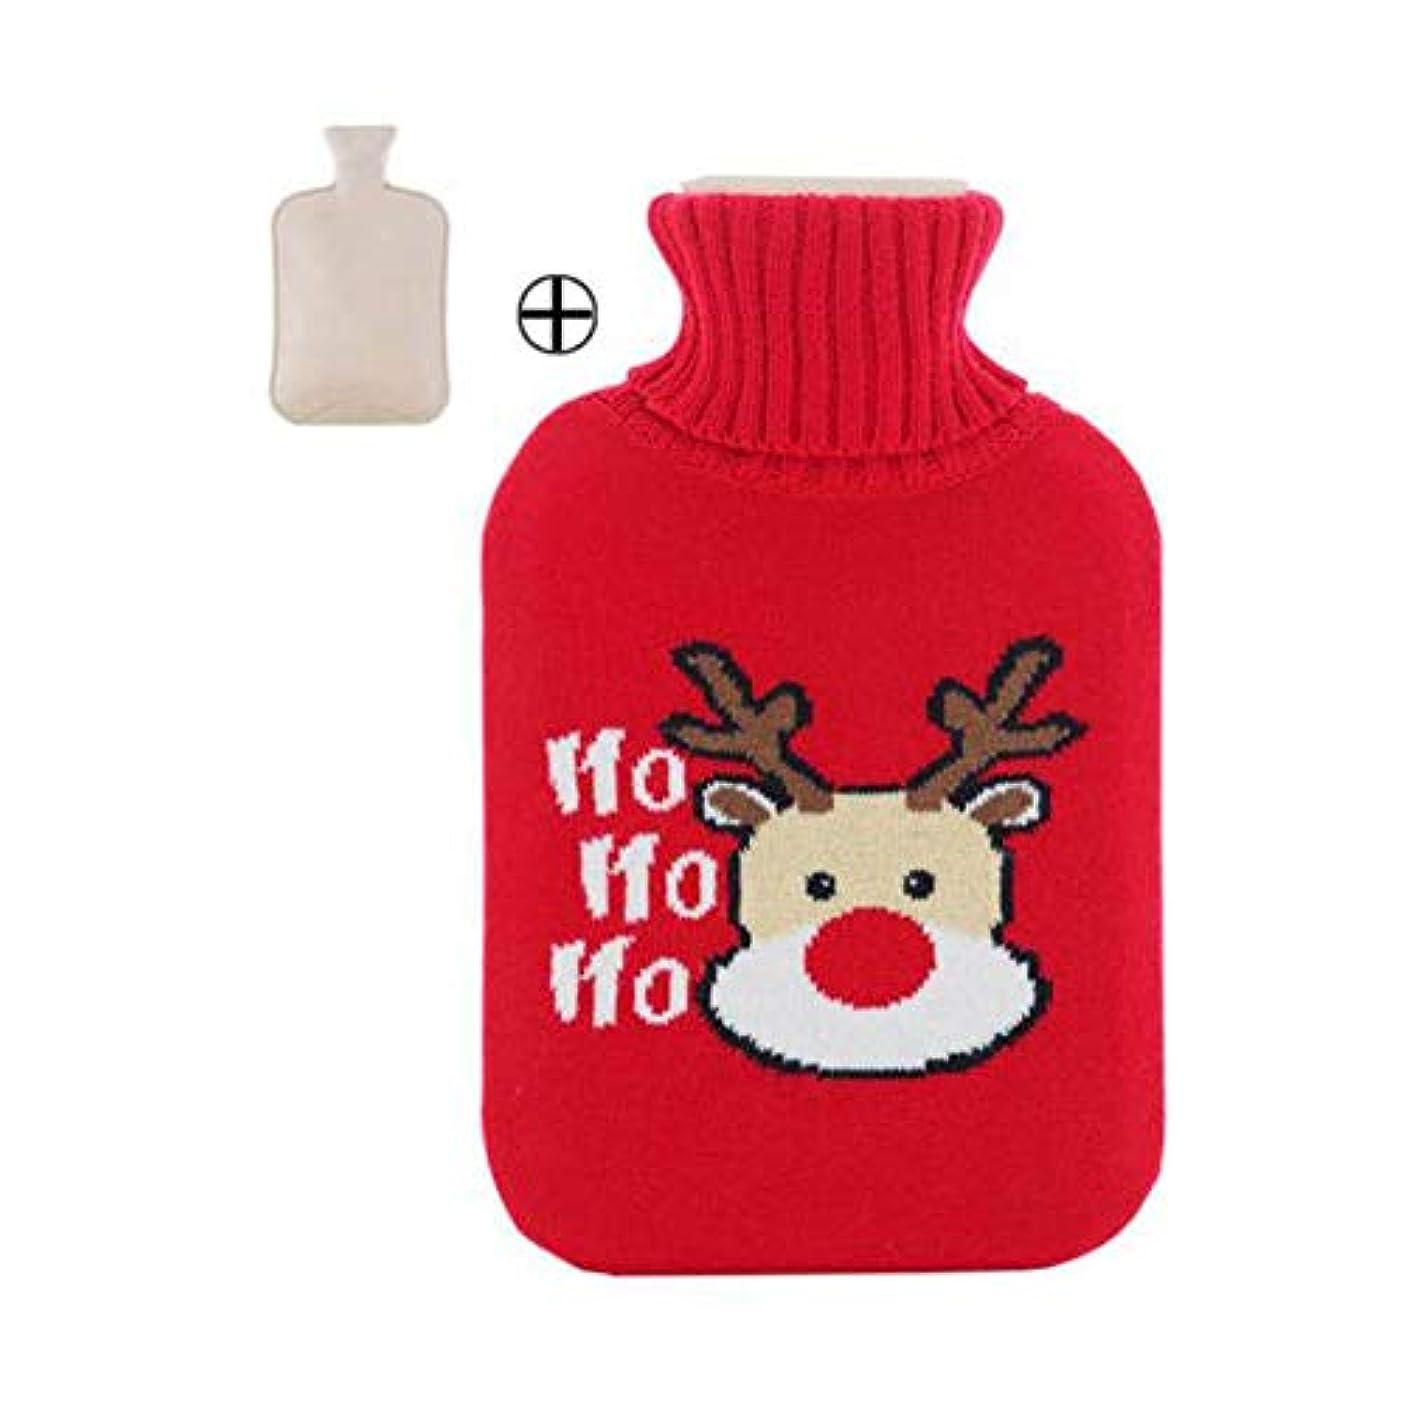 ゴージャス抽象化配管ホットウォーターボトル大温かいクリスマススタイルのウォーターボトル2L